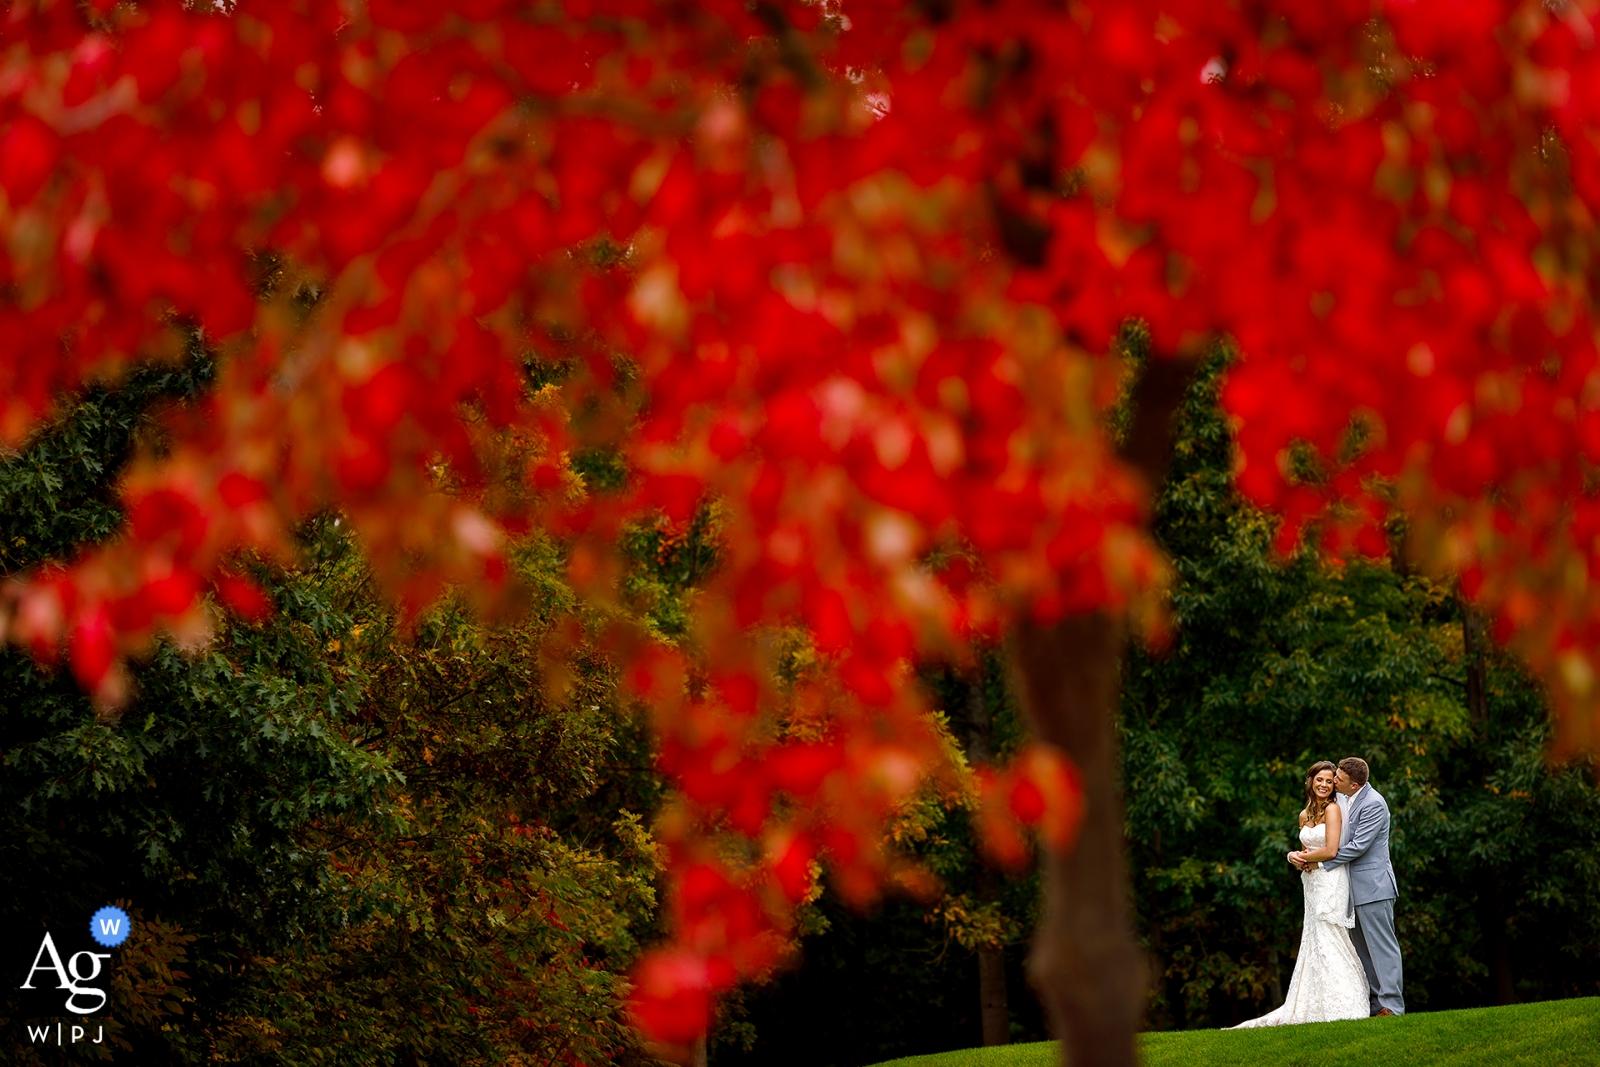 Portrait de photographie de mariage artistique de Chicago portrait de la mariée et le marié à l'extérieur sous les arbres rouges.